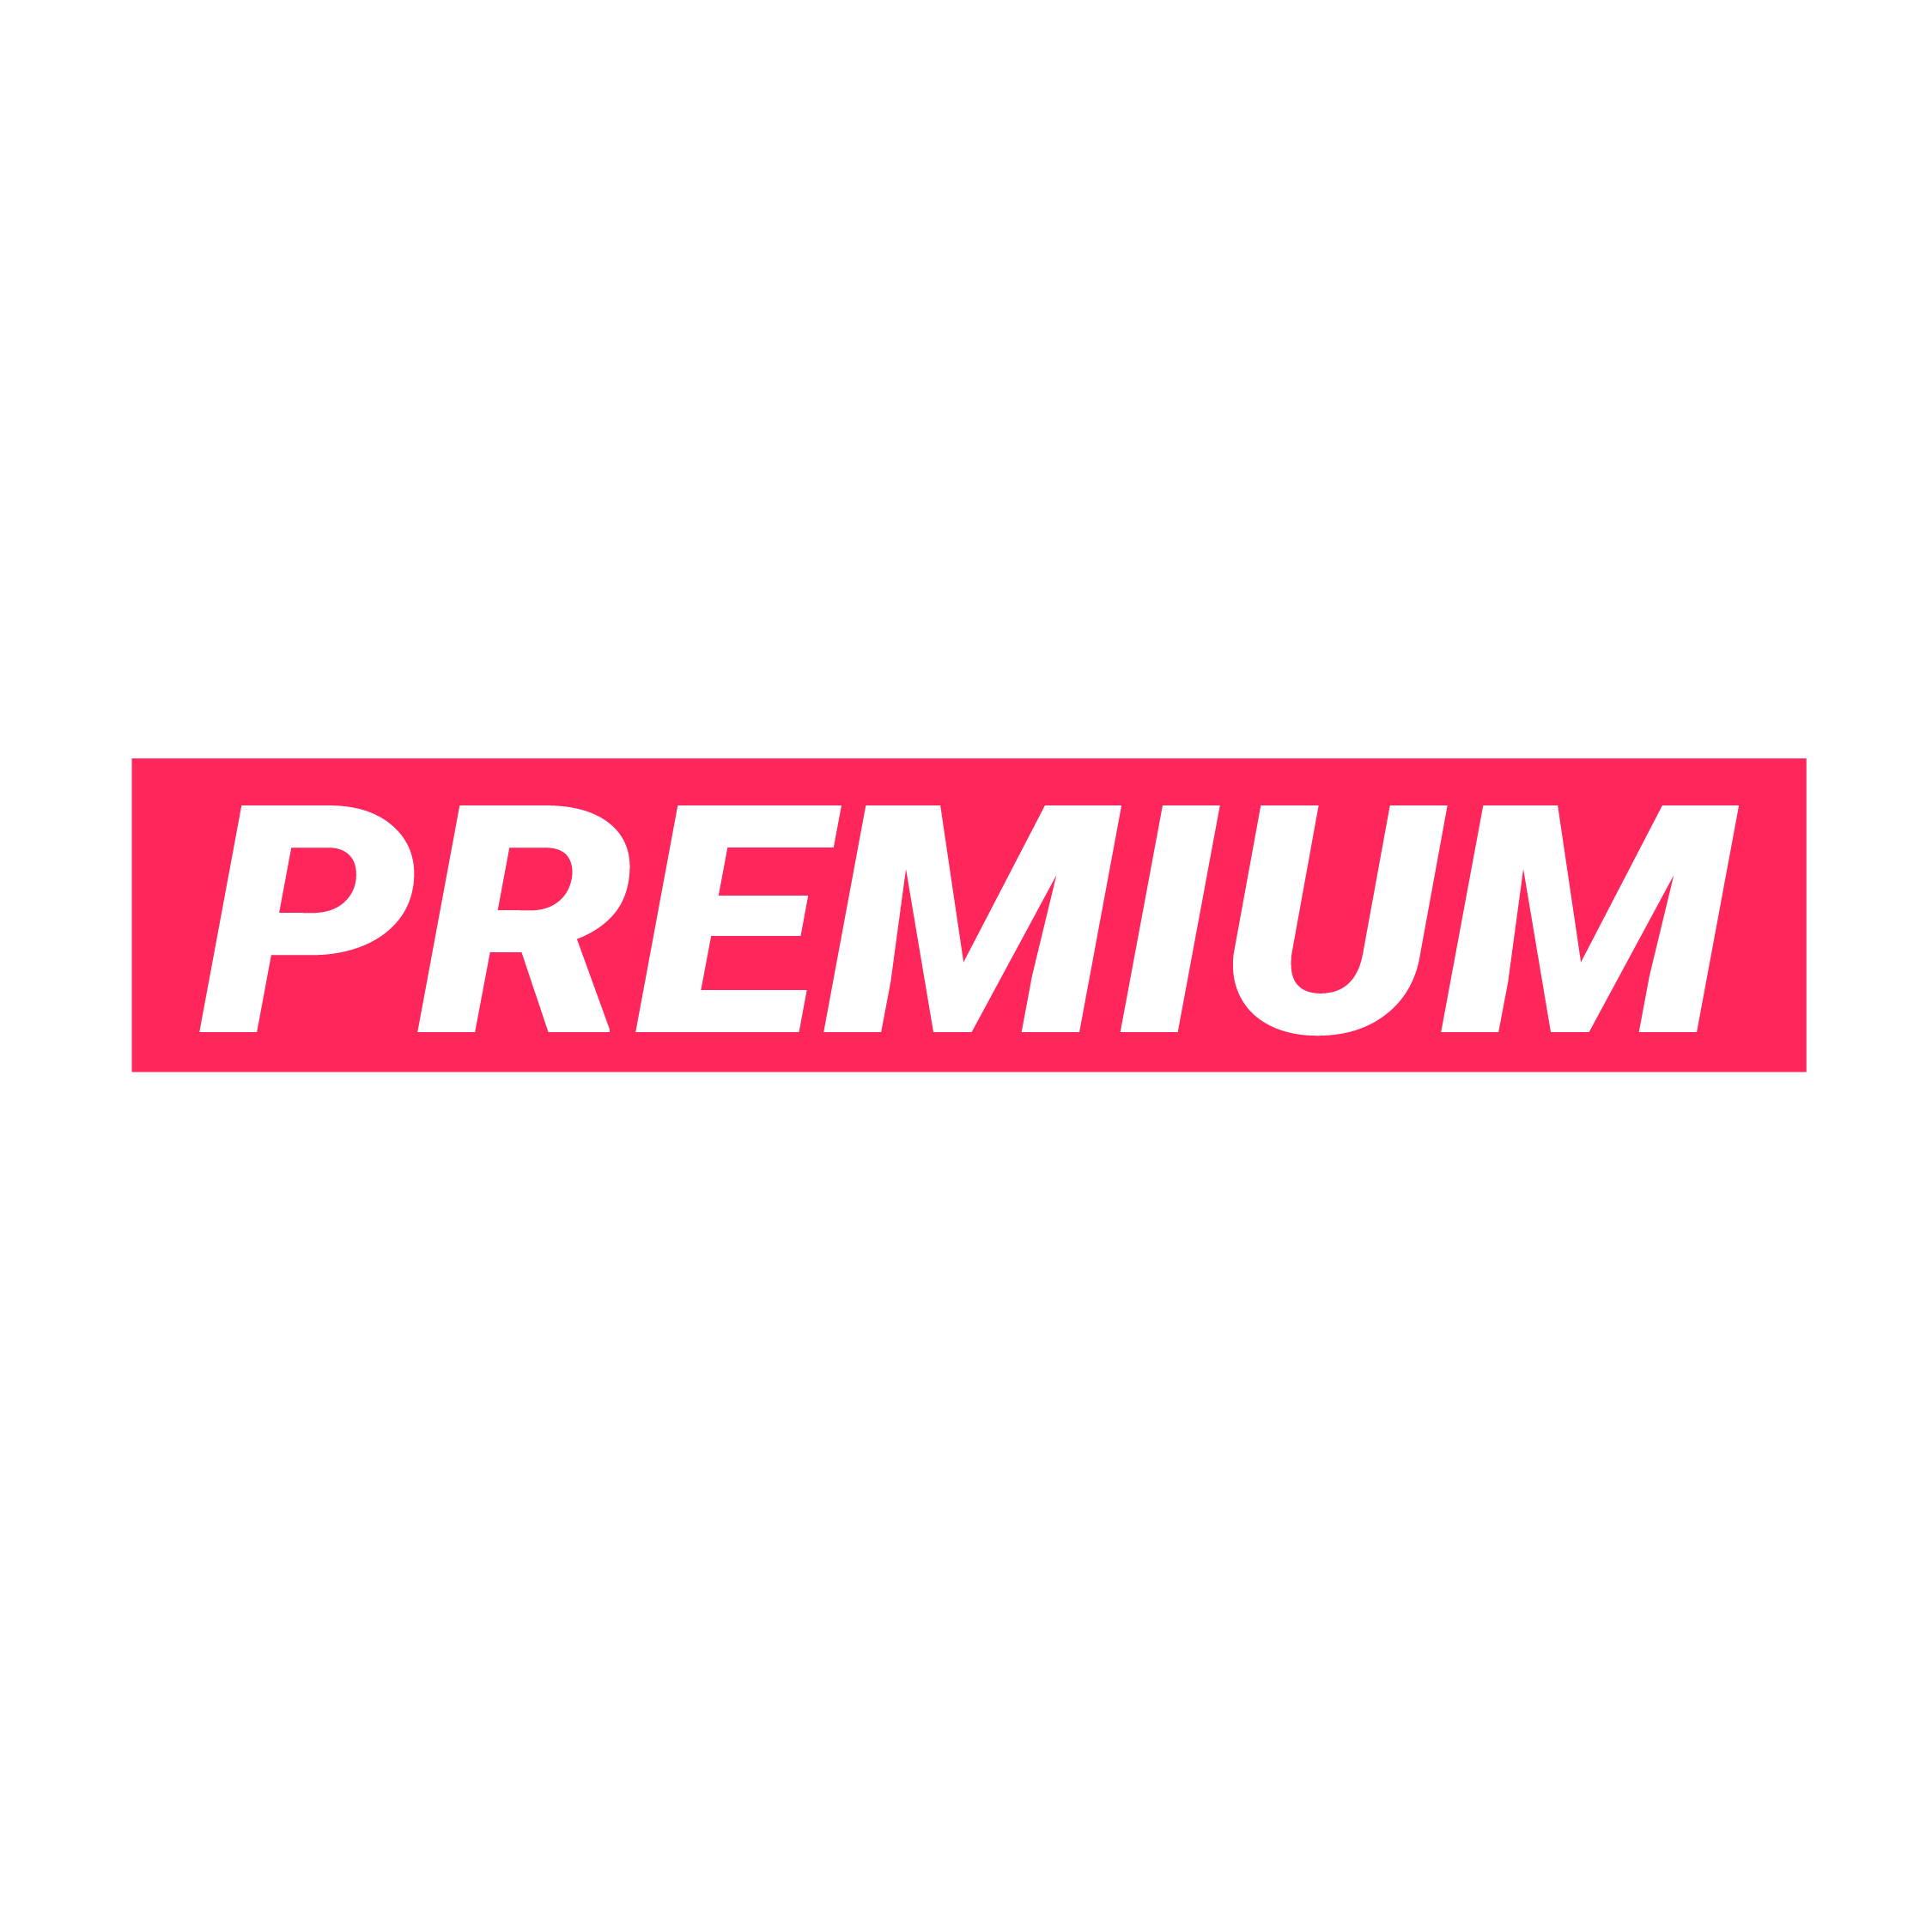 Premium Figures